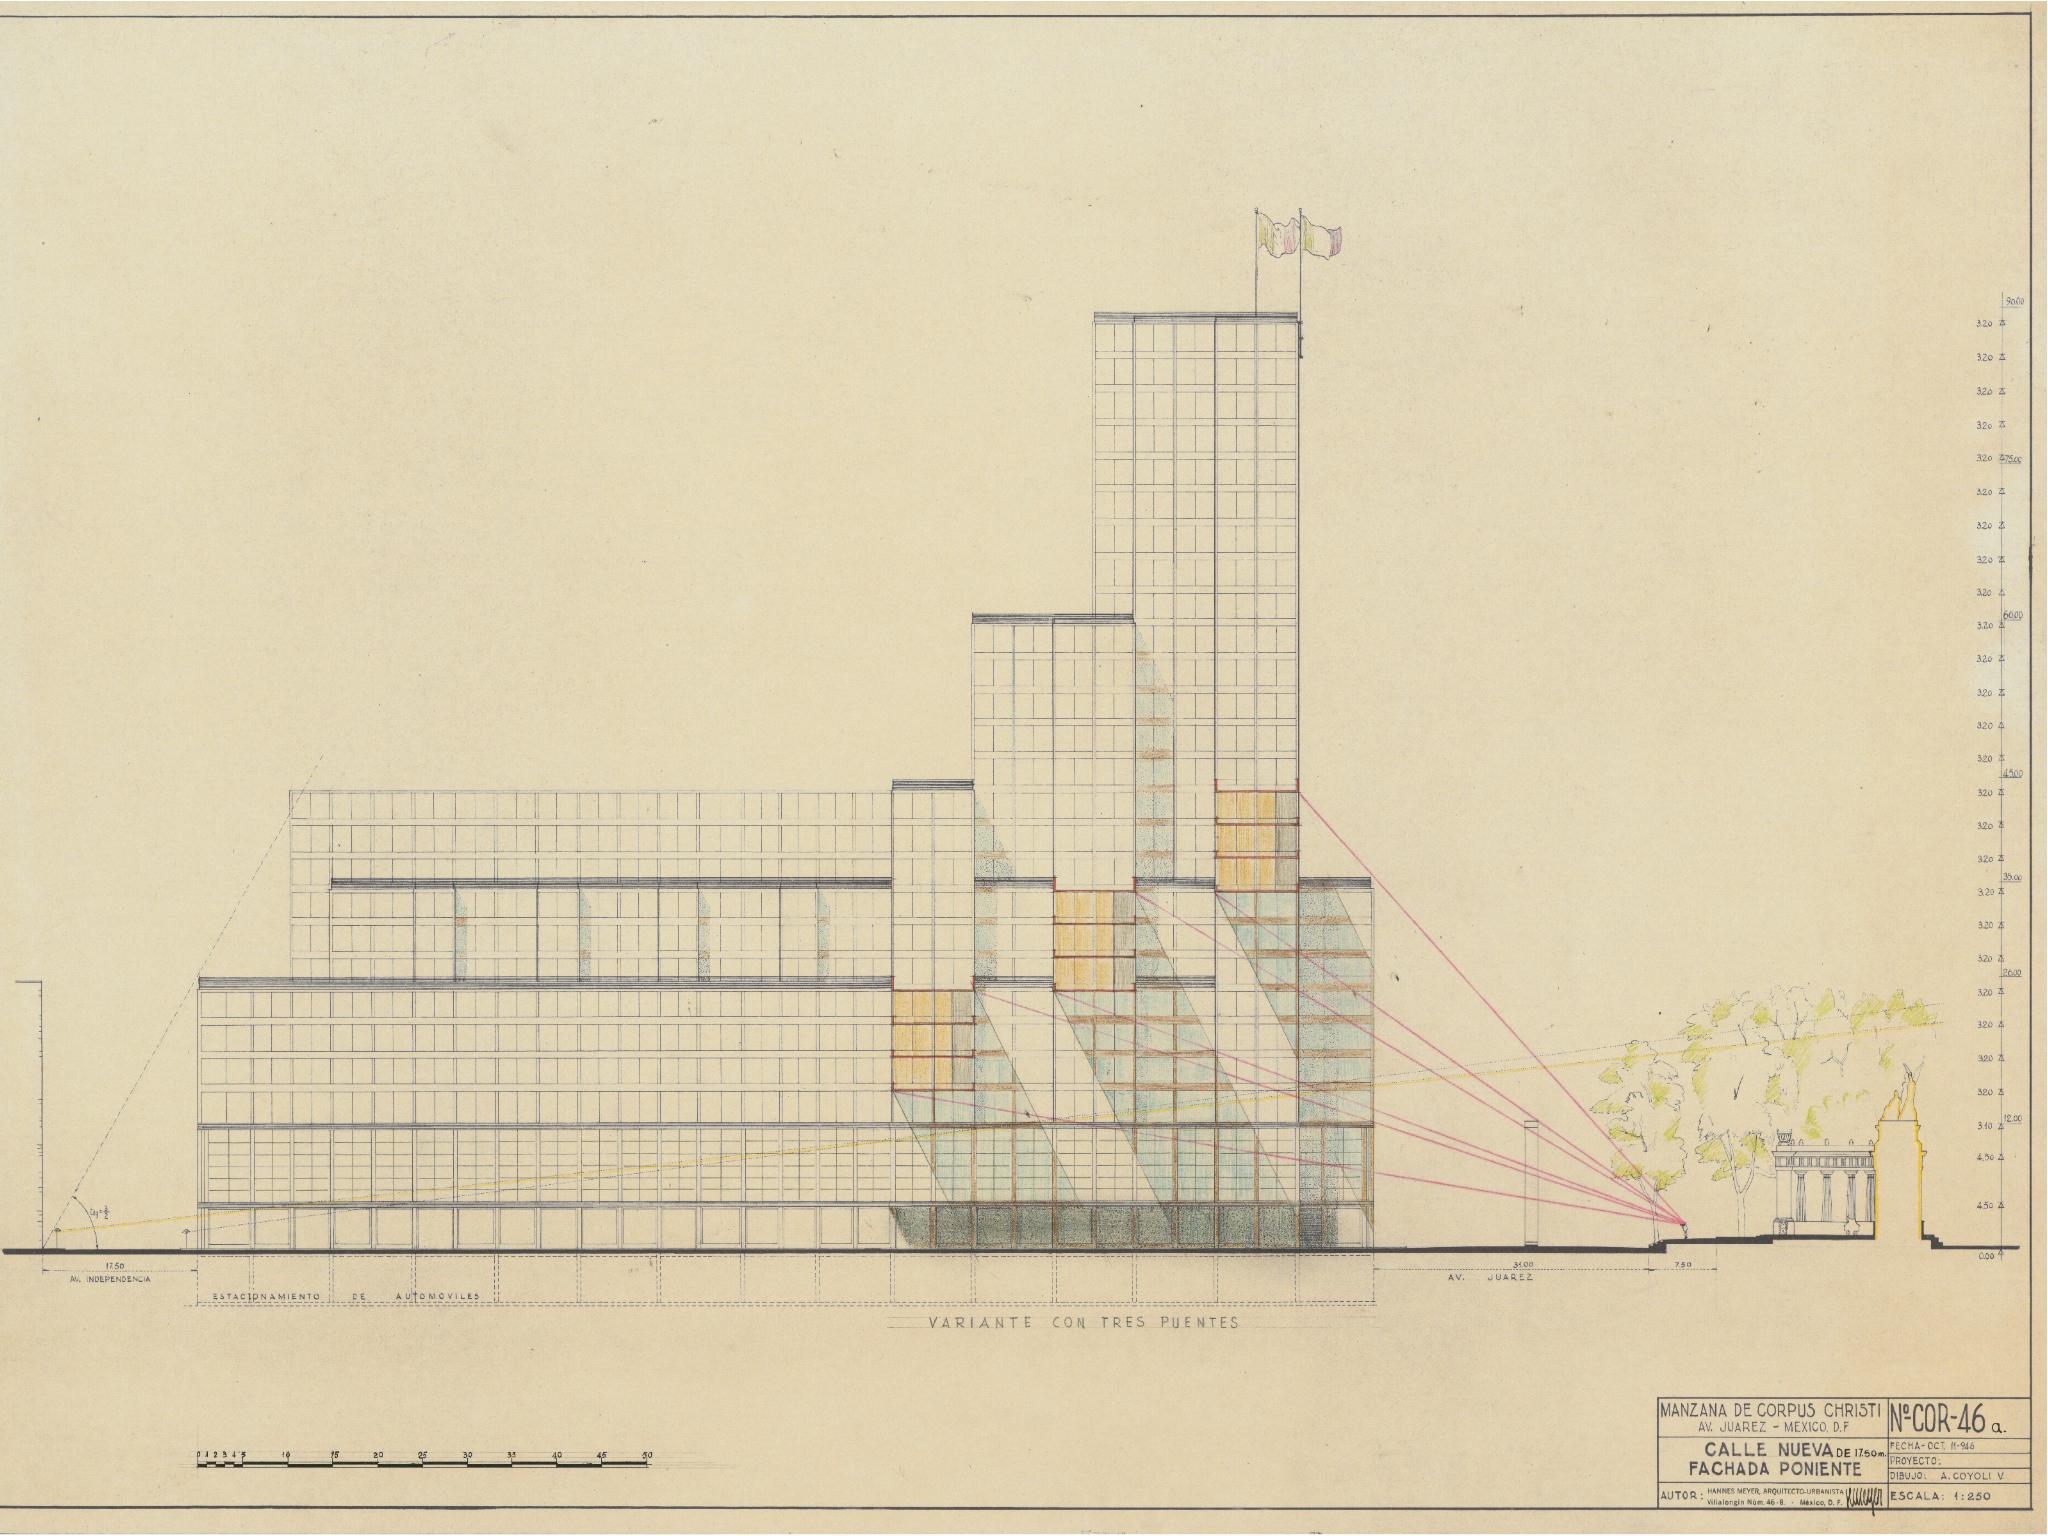 Plano arquitectónico de la Manzana de Corpus Christi